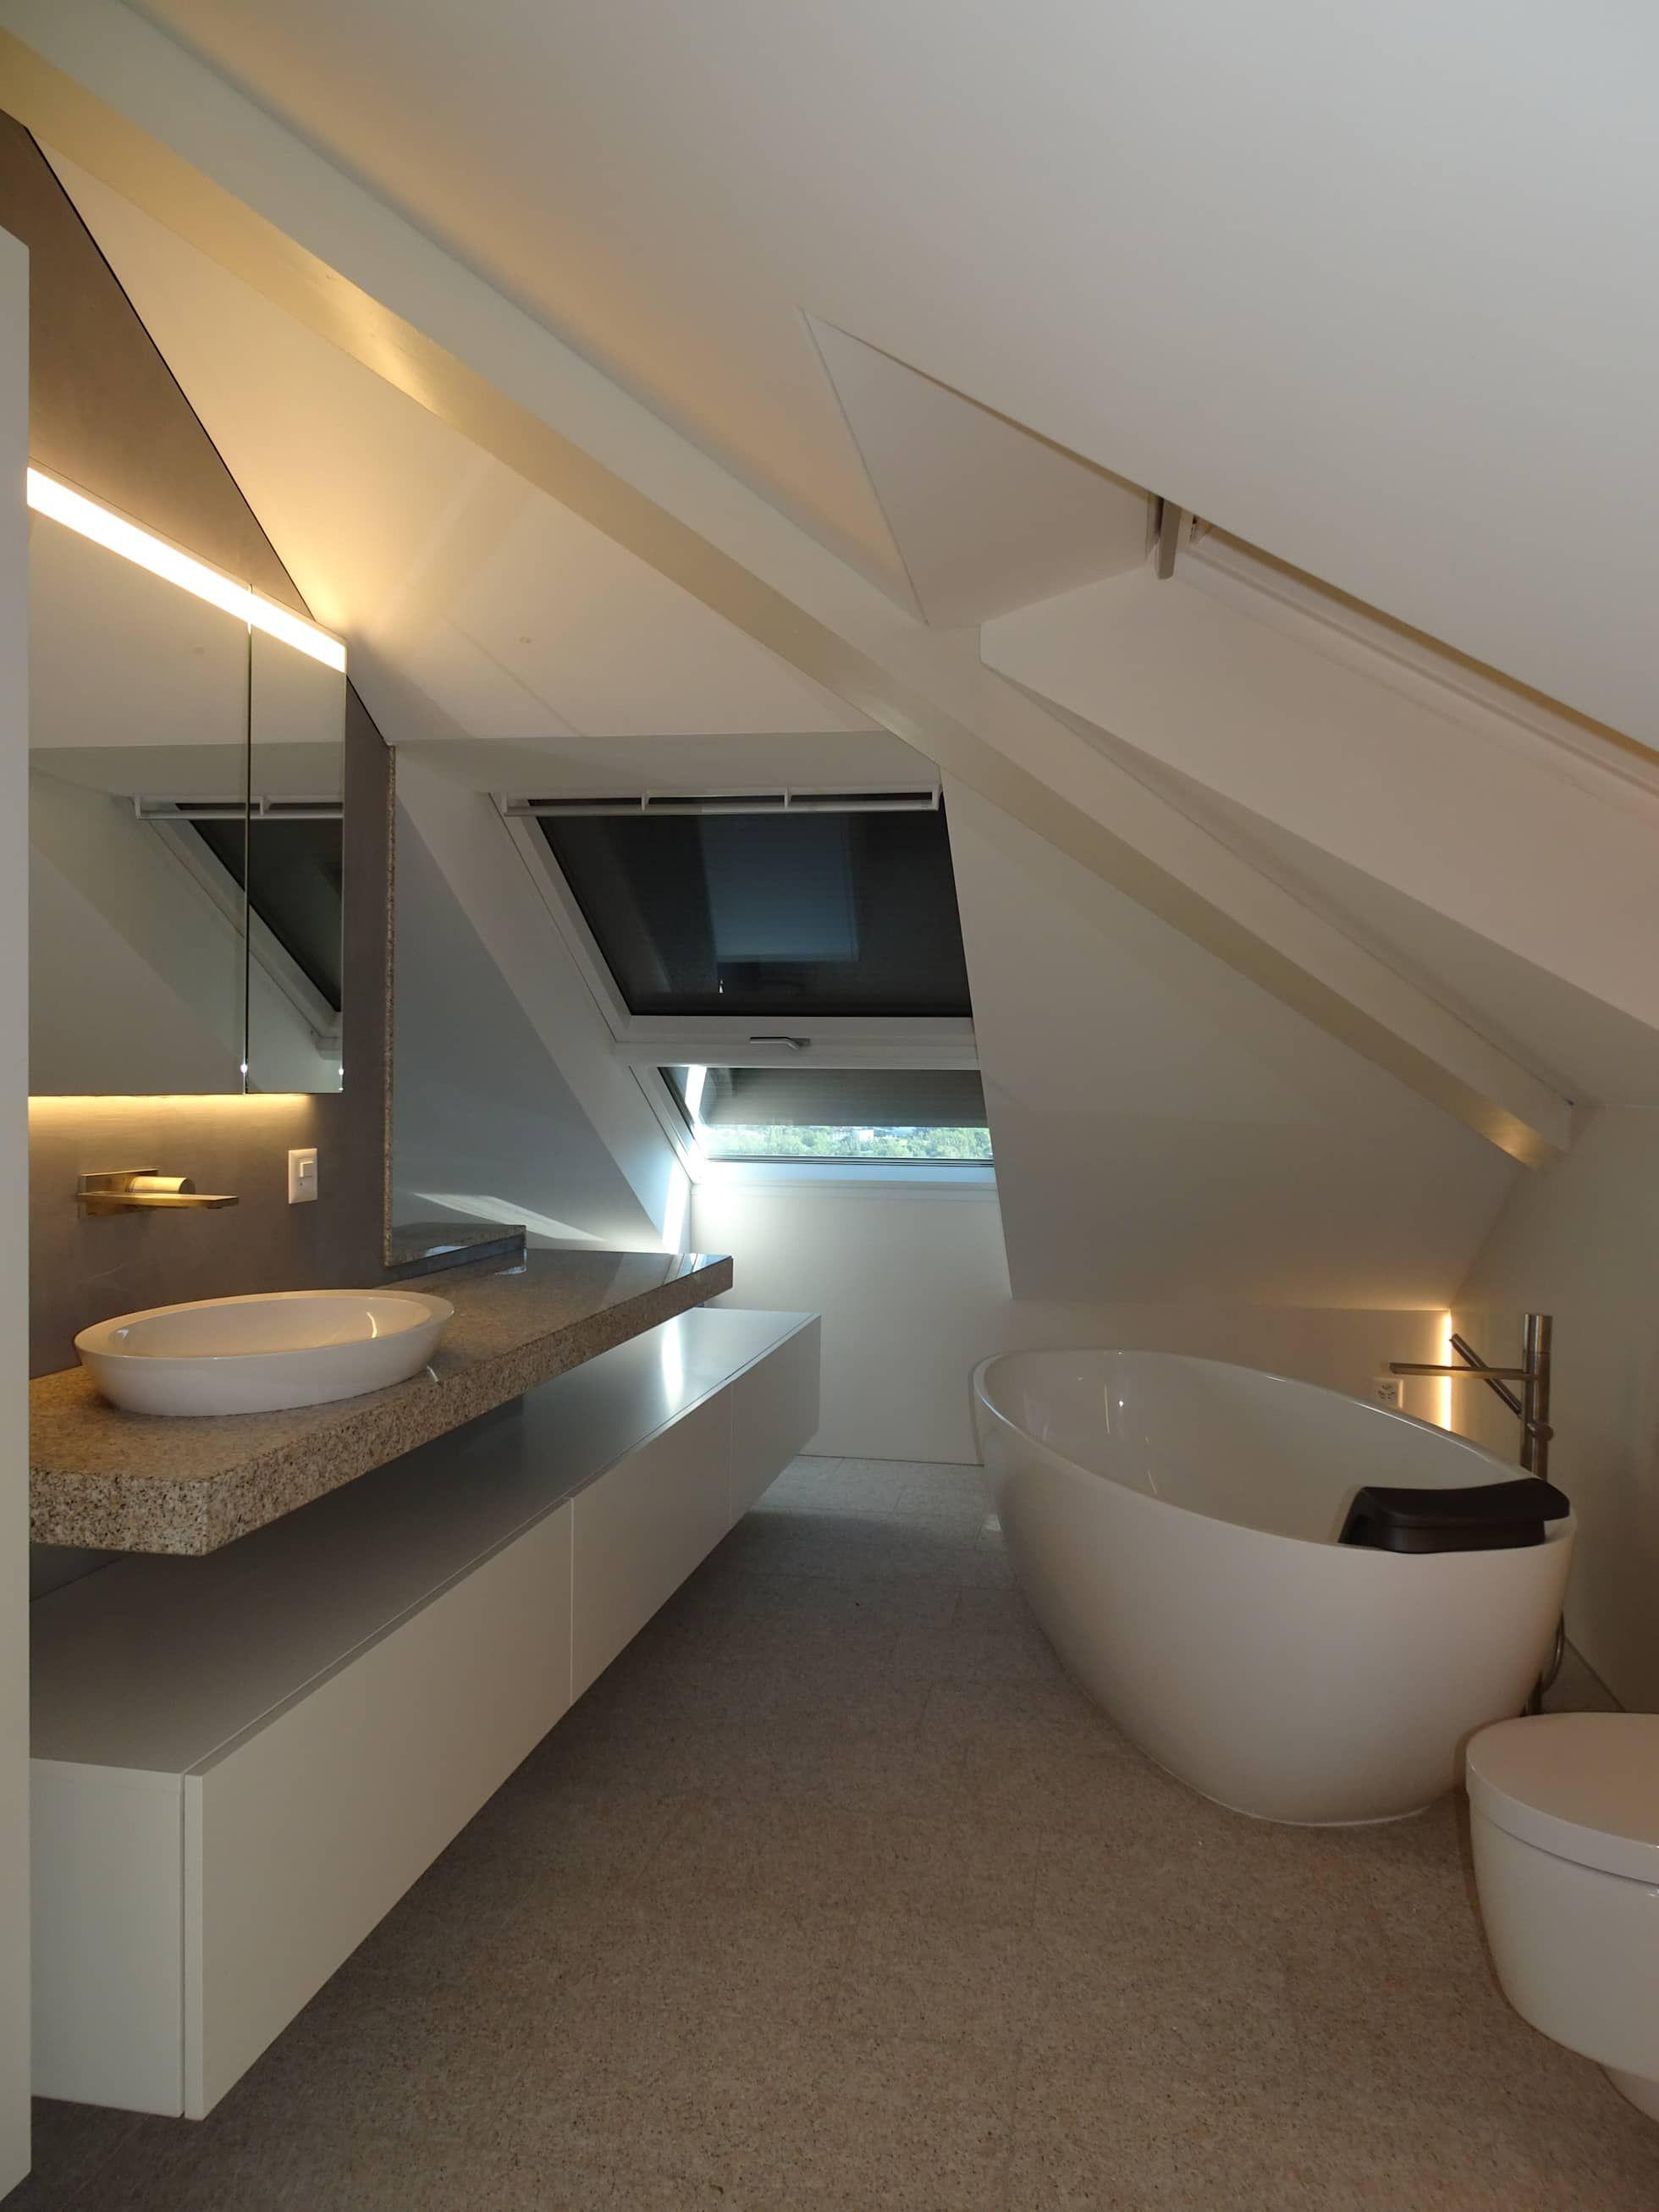 Dachausbau mit badezimmer und schlafzimmer moderne badezimmer von adriano@kraenzlin.com modern #beautifularchitecture